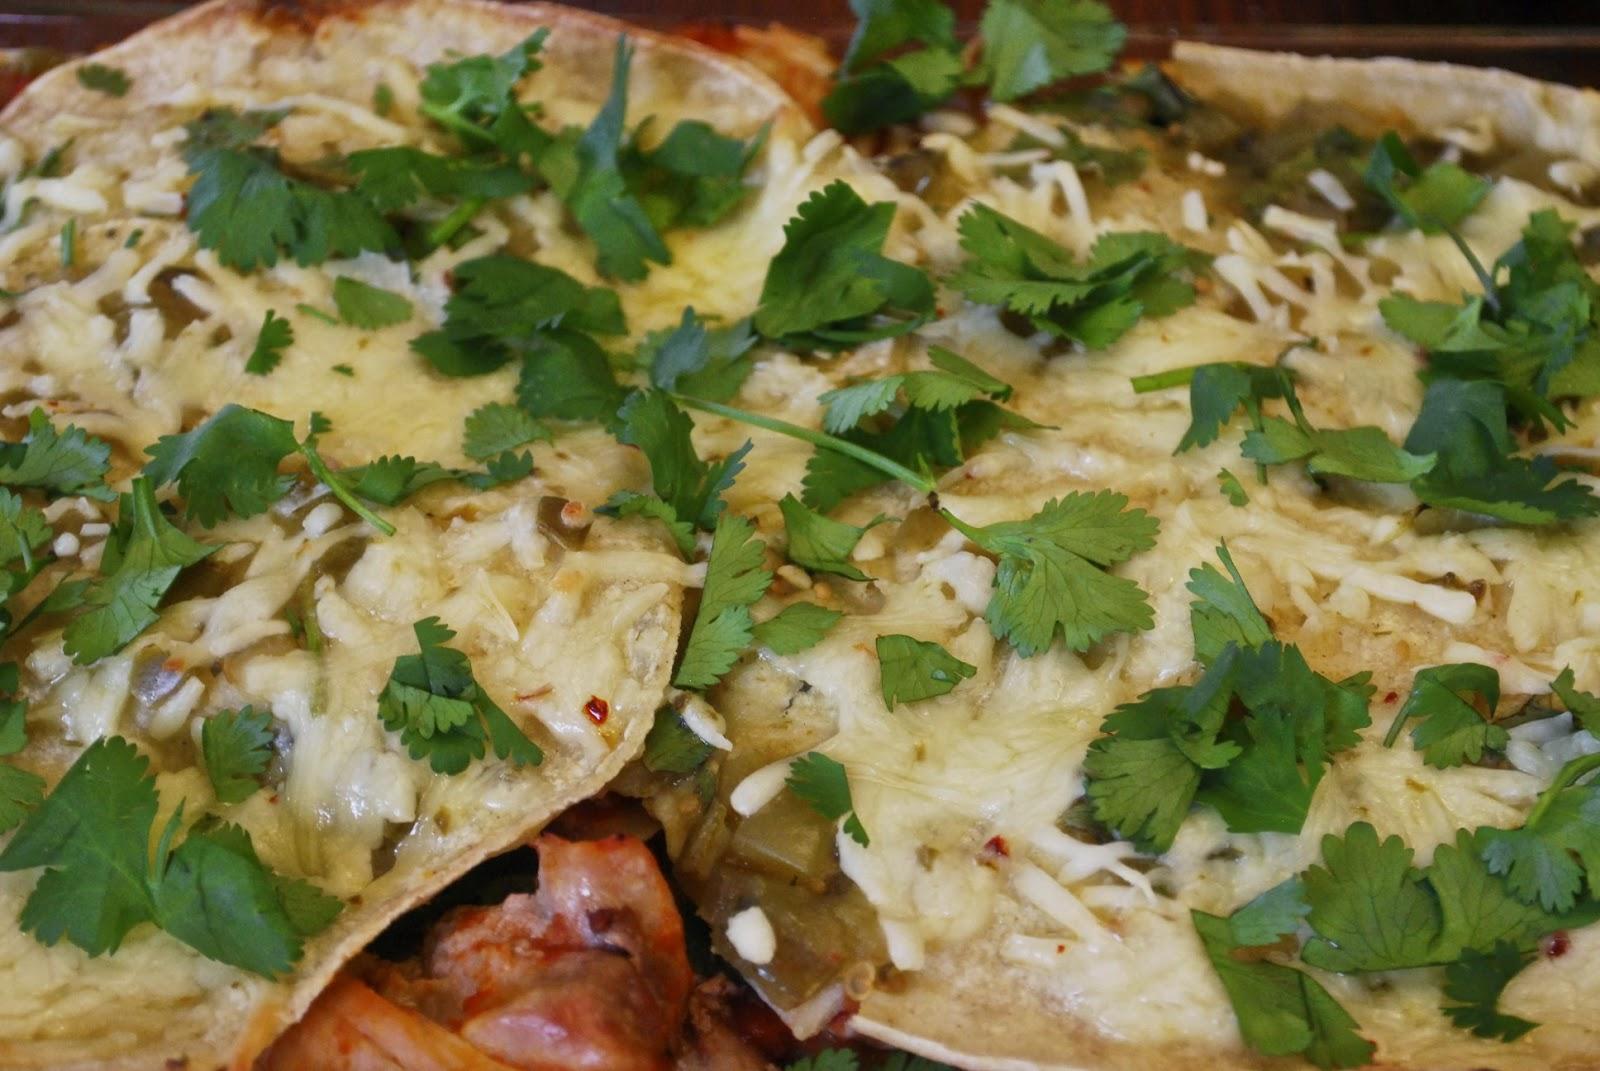 Chicken Enchilada Casserole aka Stacked Chicken Enchiladas recipes